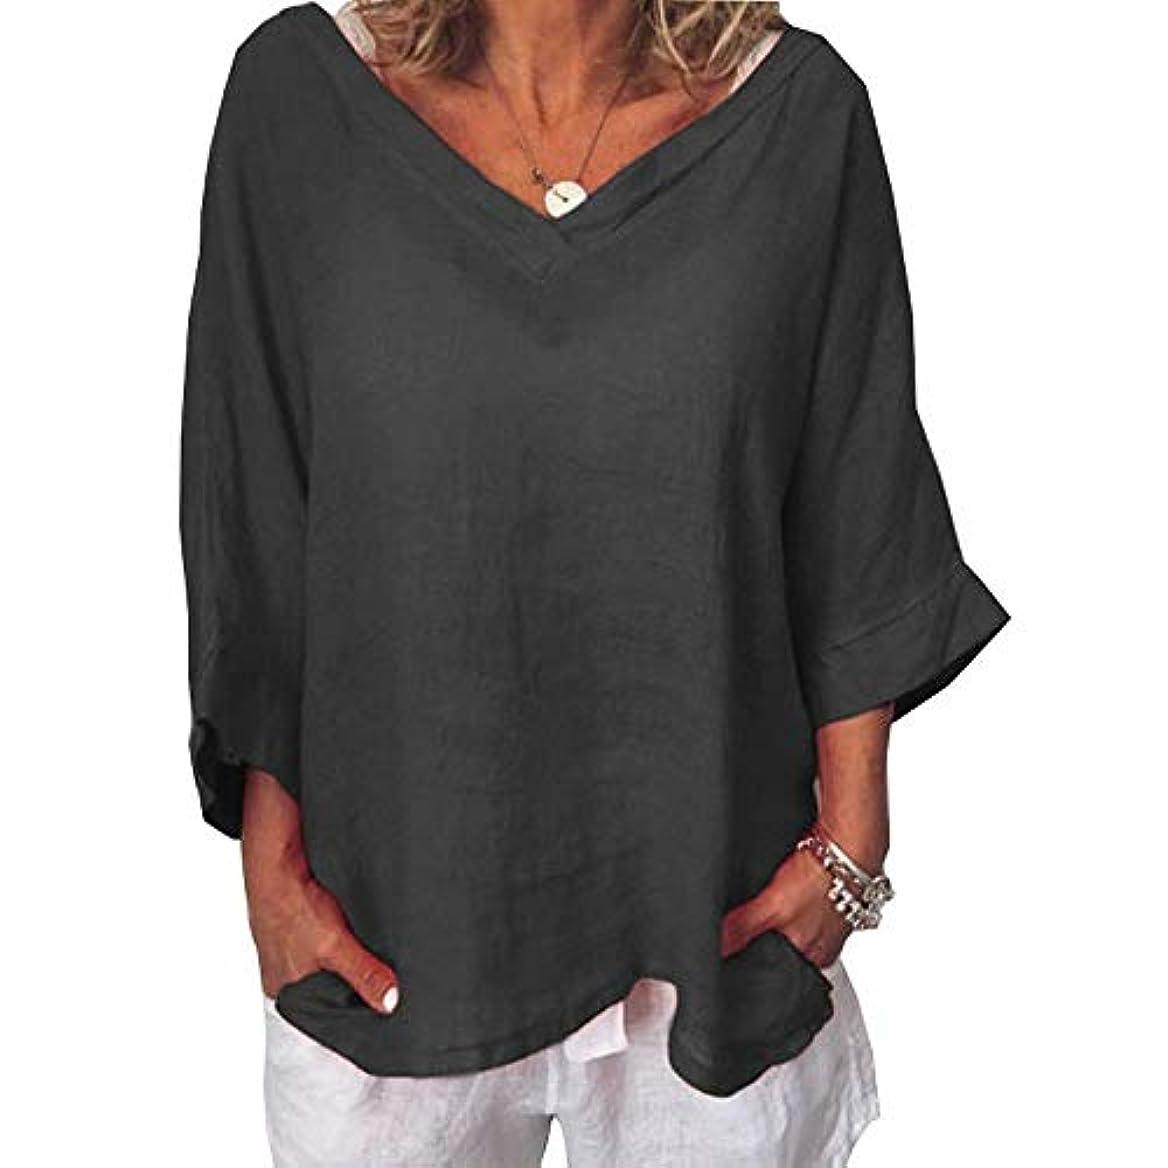 ビタミン細分化する仕立て屋MIFAN女性ファッションカジュアルVネックトップス無地長袖Tシャツルーズボヘミアンビーチウェア